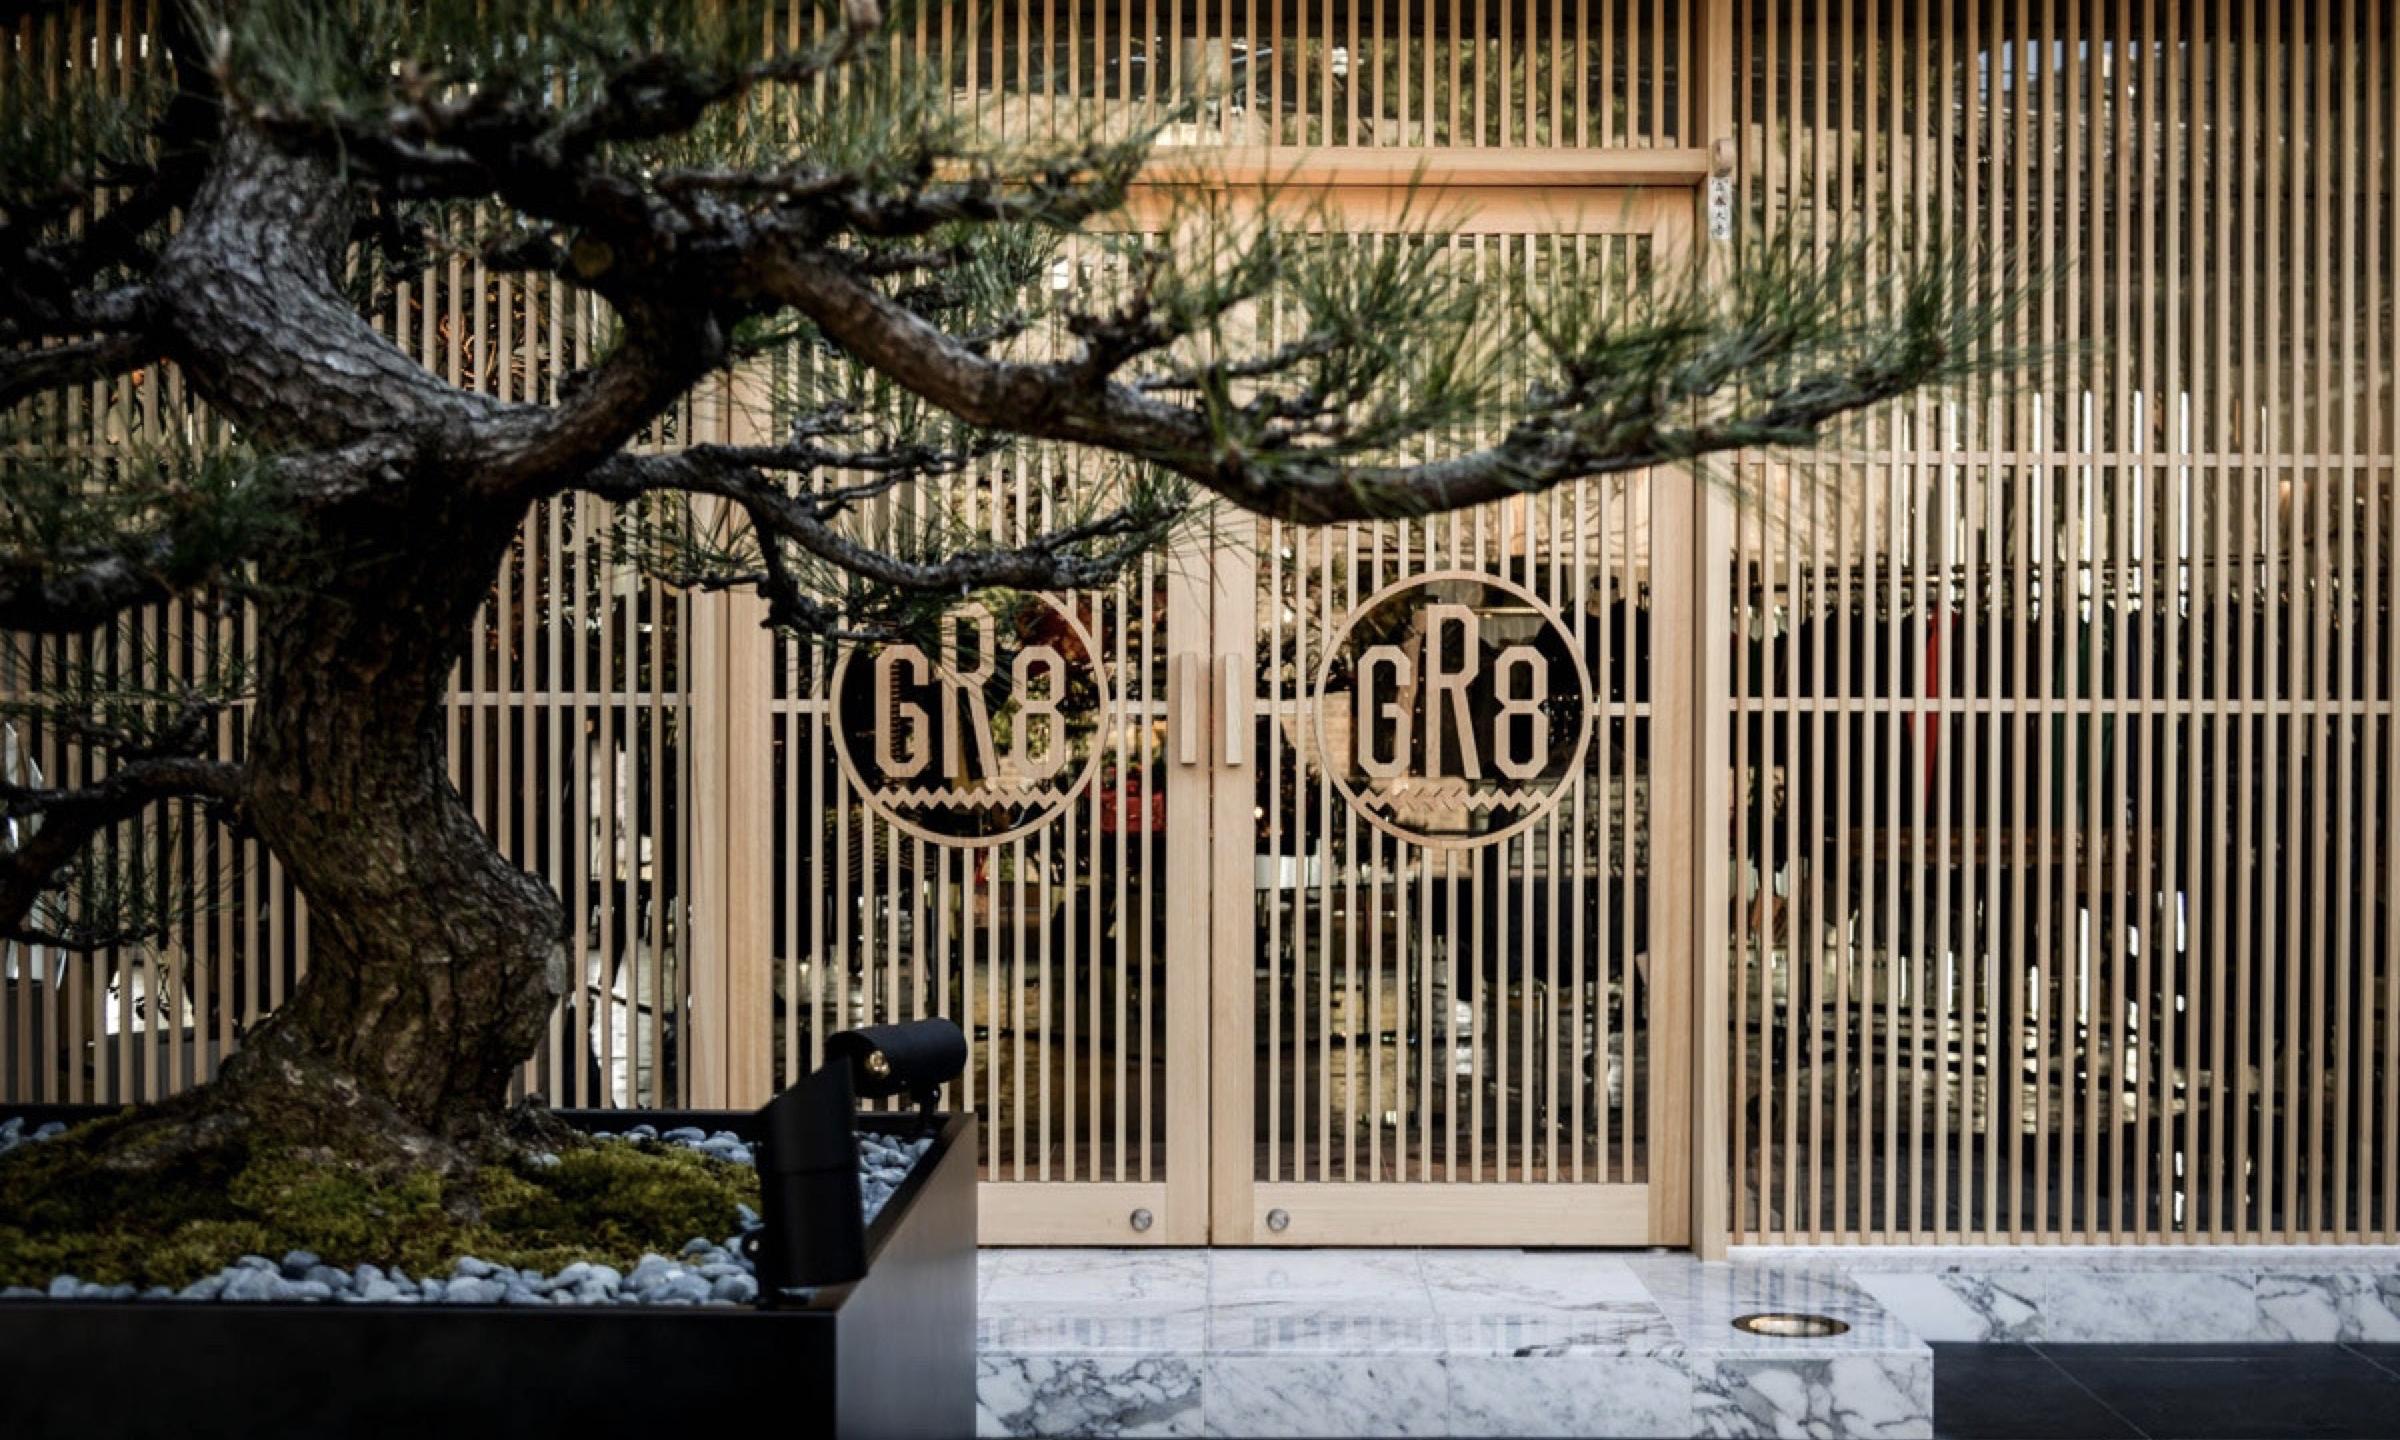 这个日式古风庭院,聚集了最前卫、潮流的品牌